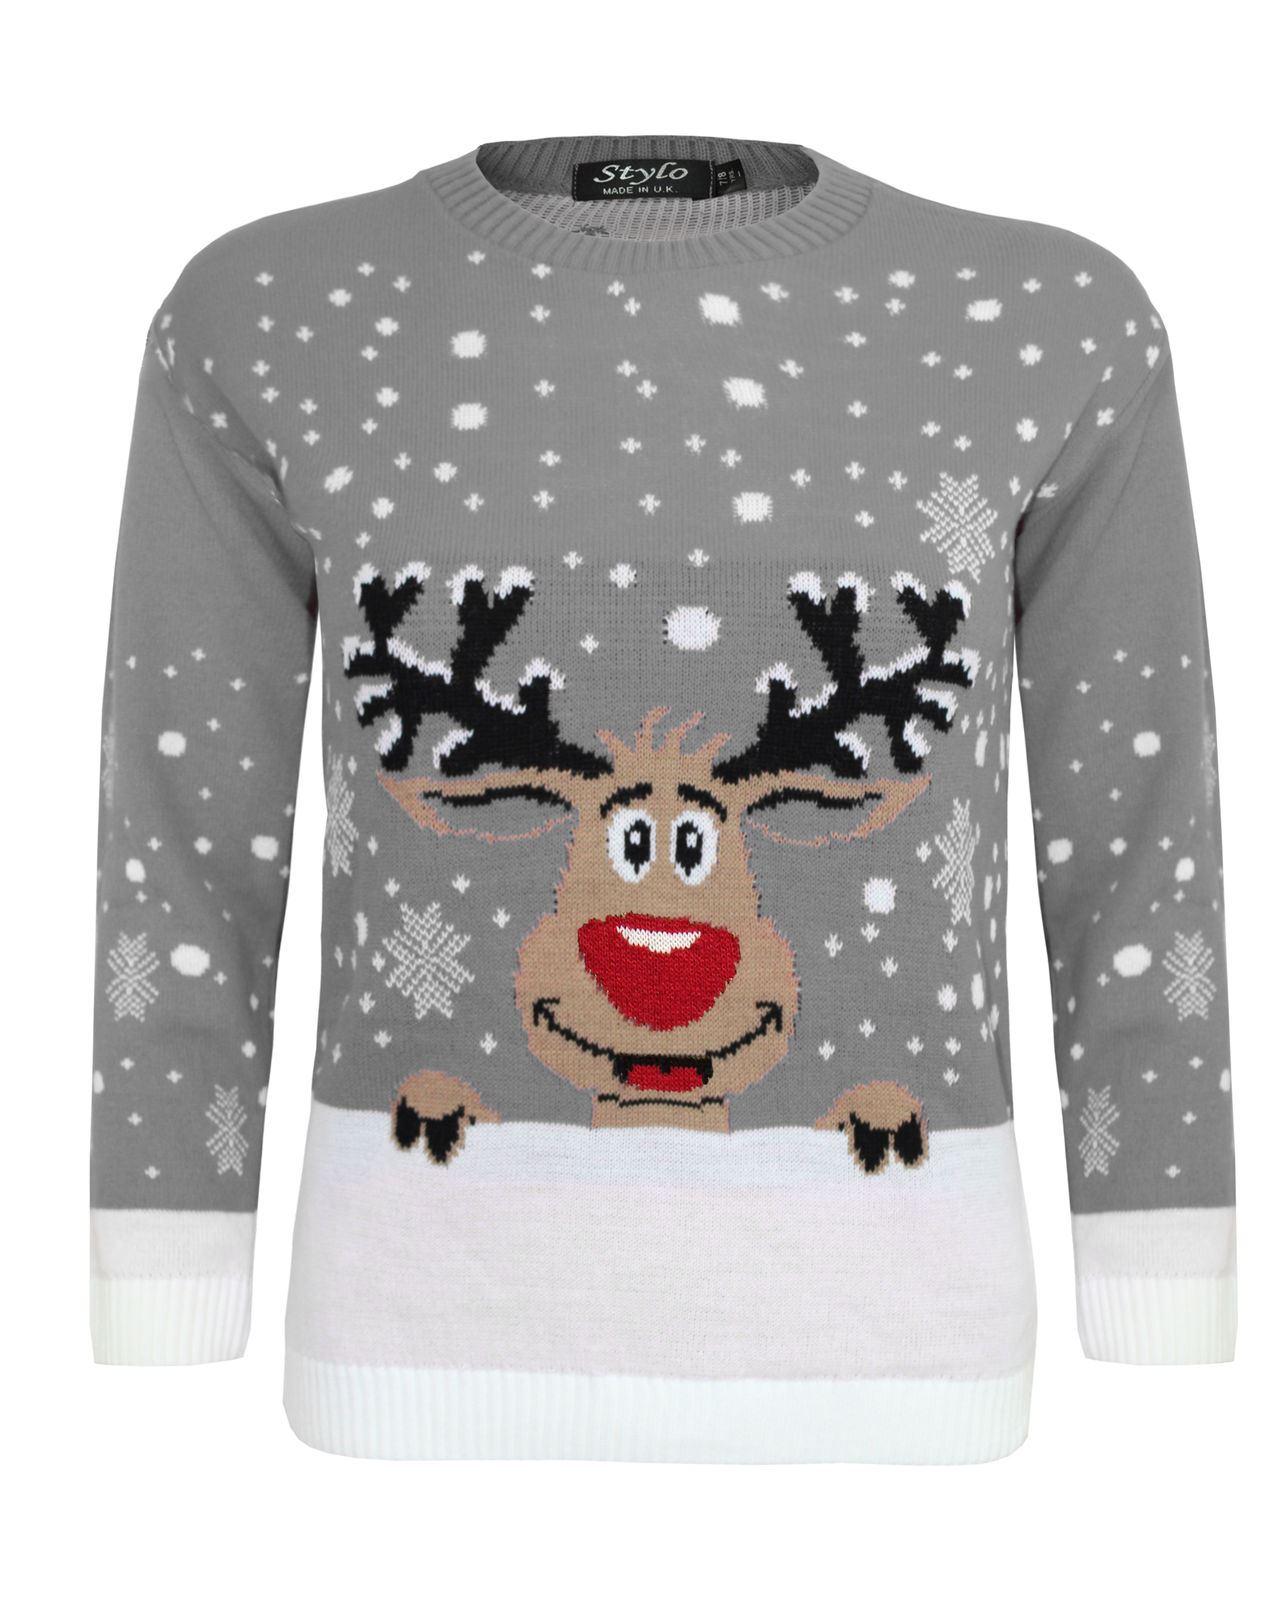 New-Ladies-Women-Men-Knitted-Reindeer-Christmas-Snow-Flakes-Kids-Xmas-Jumper-Top